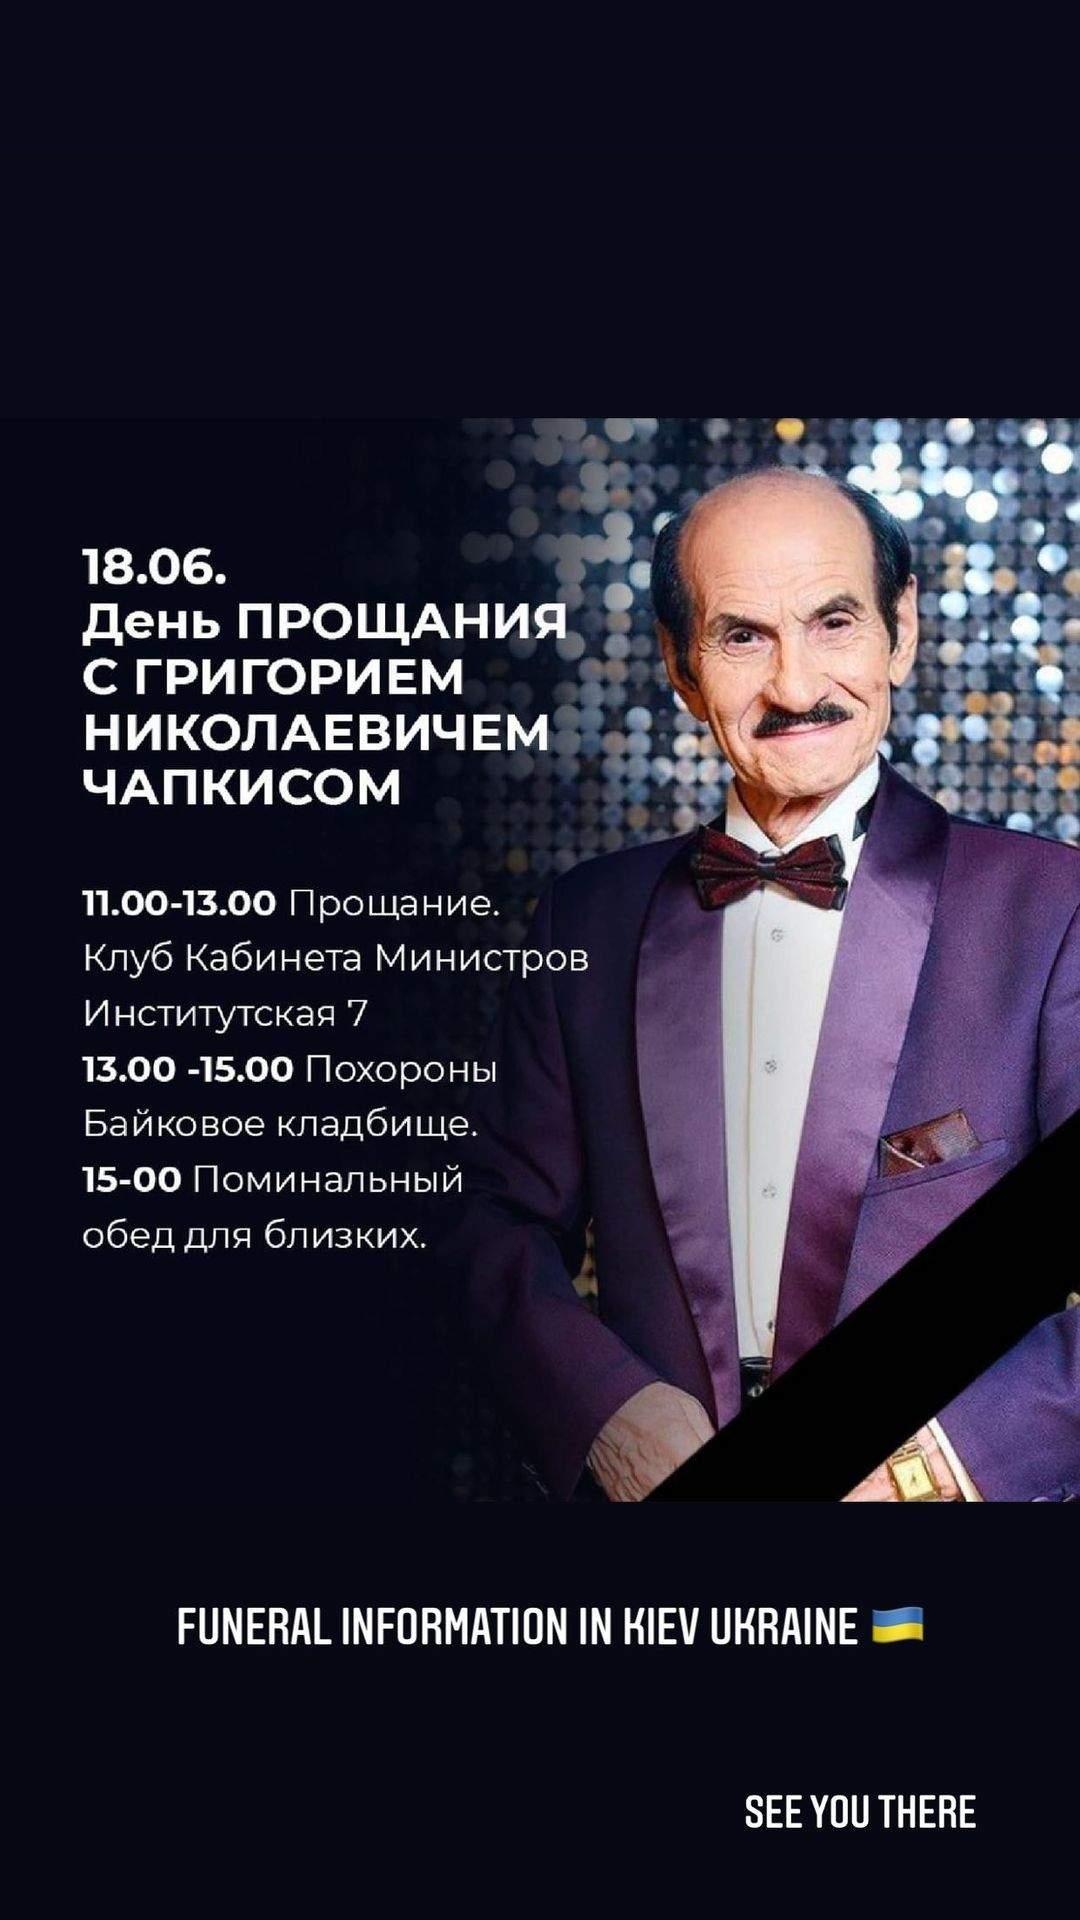 Похороны Григория Чапкиса: где и когда можно будет попрощаться с легендарным танцором? - фото №1